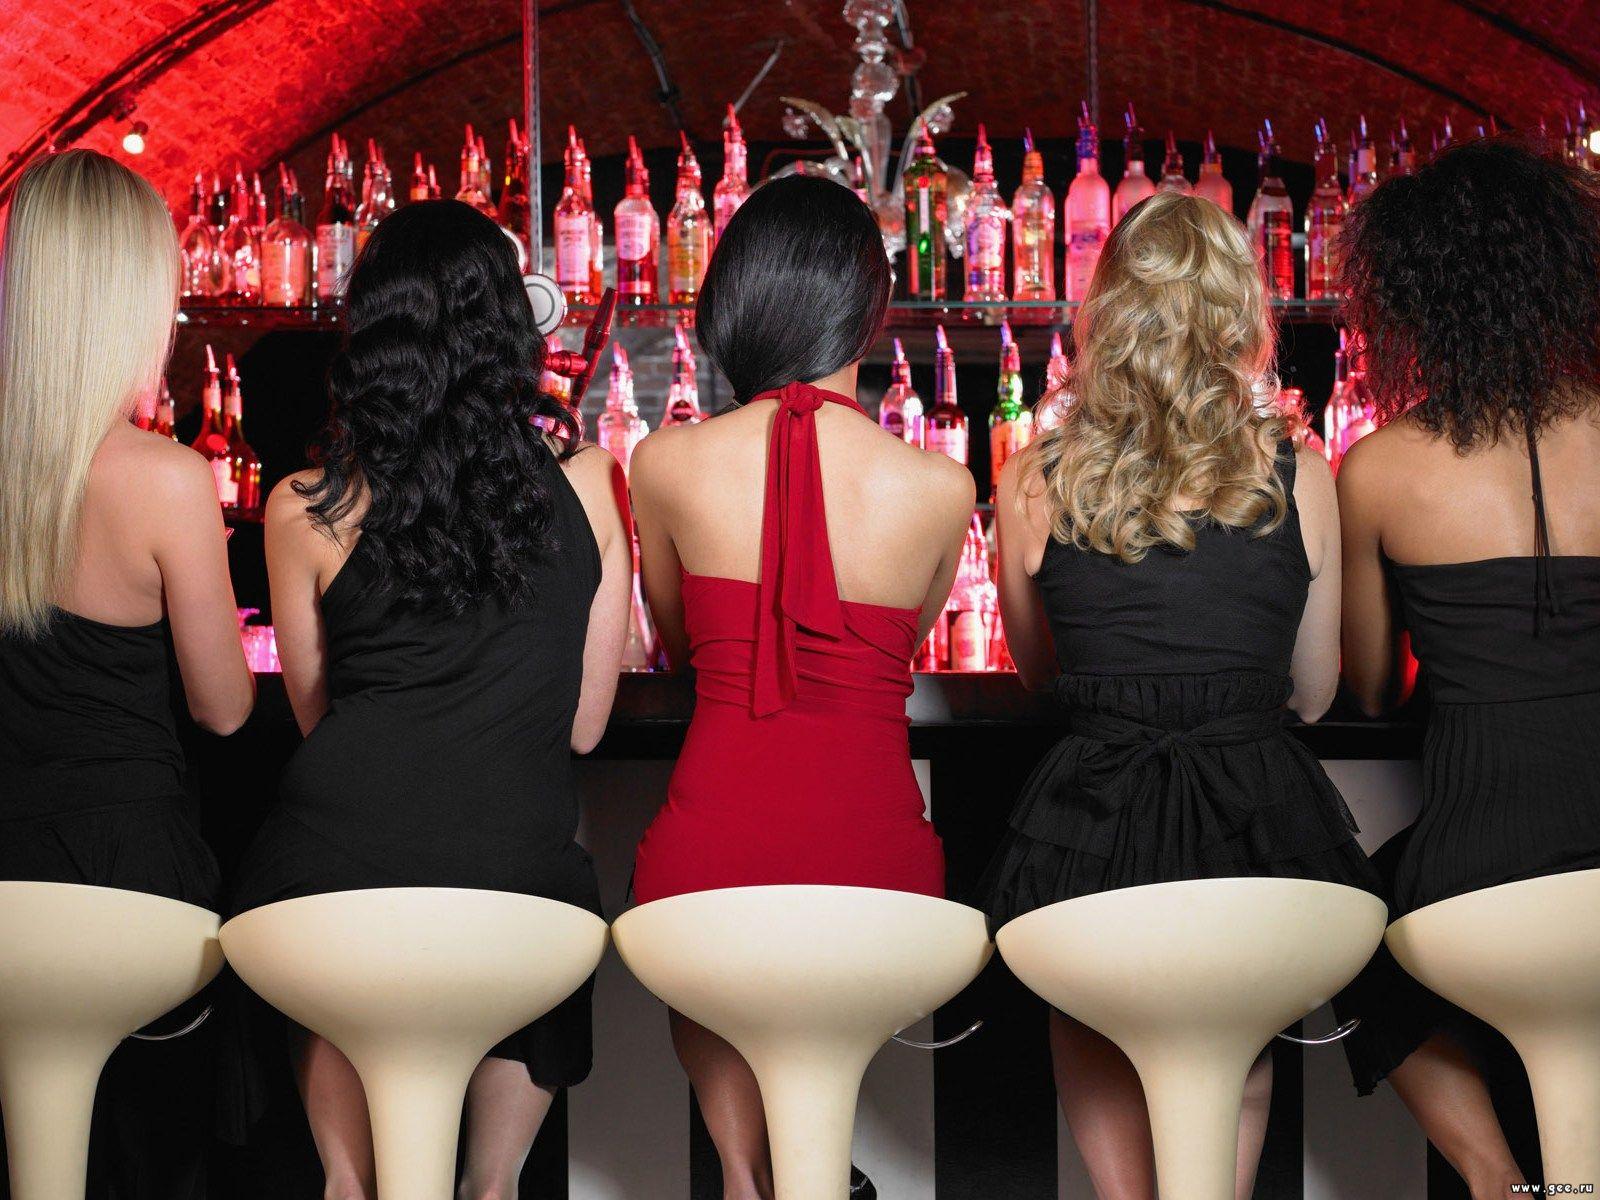 Когда. Бесплатный вход на вечеринку всем девушкам до 23-00.